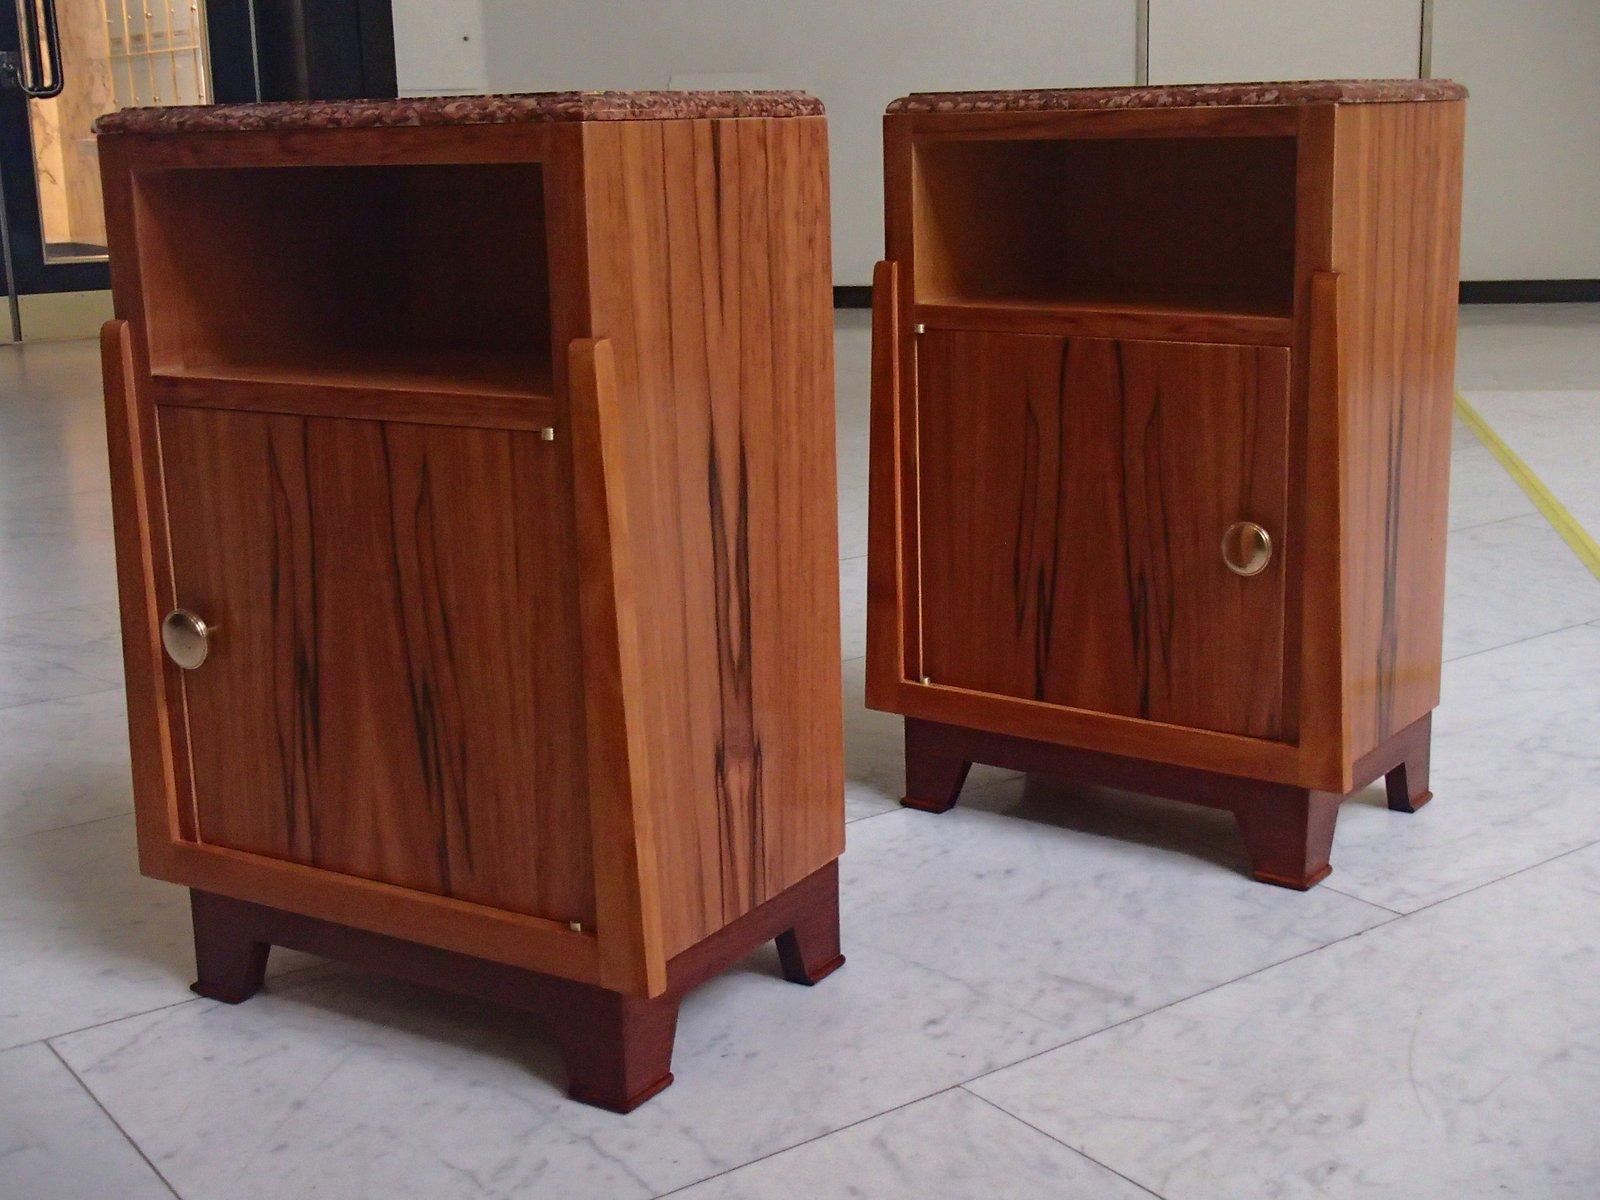 tables de chevet vintage en pommier avec plateau en marbre rouge set de 2 en vente sur pamono. Black Bedroom Furniture Sets. Home Design Ideas